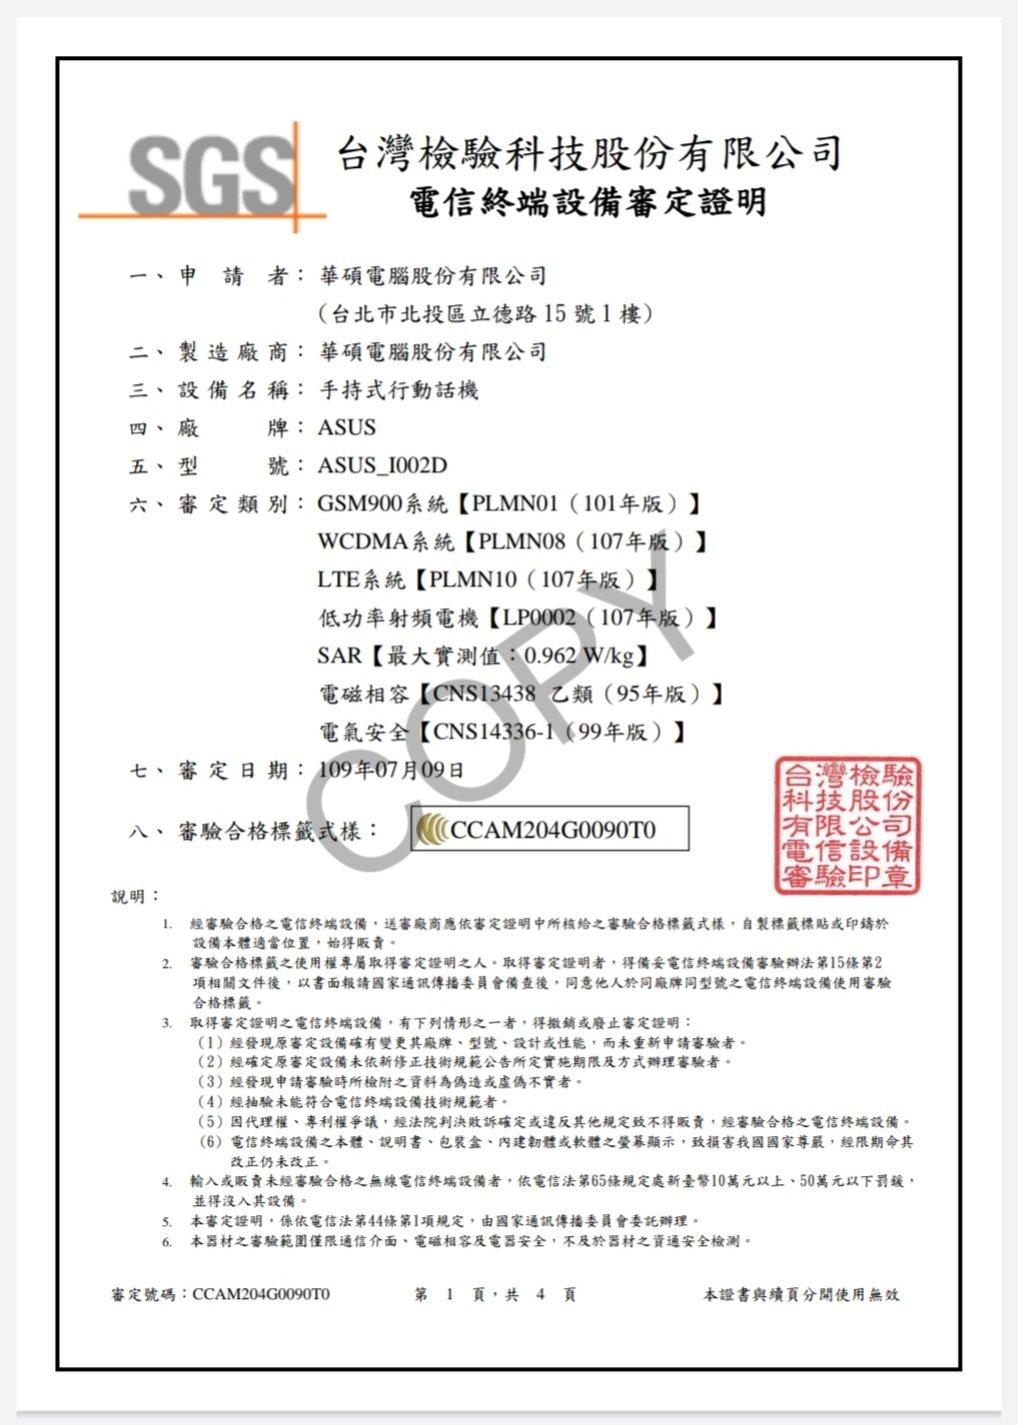 Asus ZenFone 7 specyfikacja dane techniczne plotki przecieki wycieki kiedy premiera